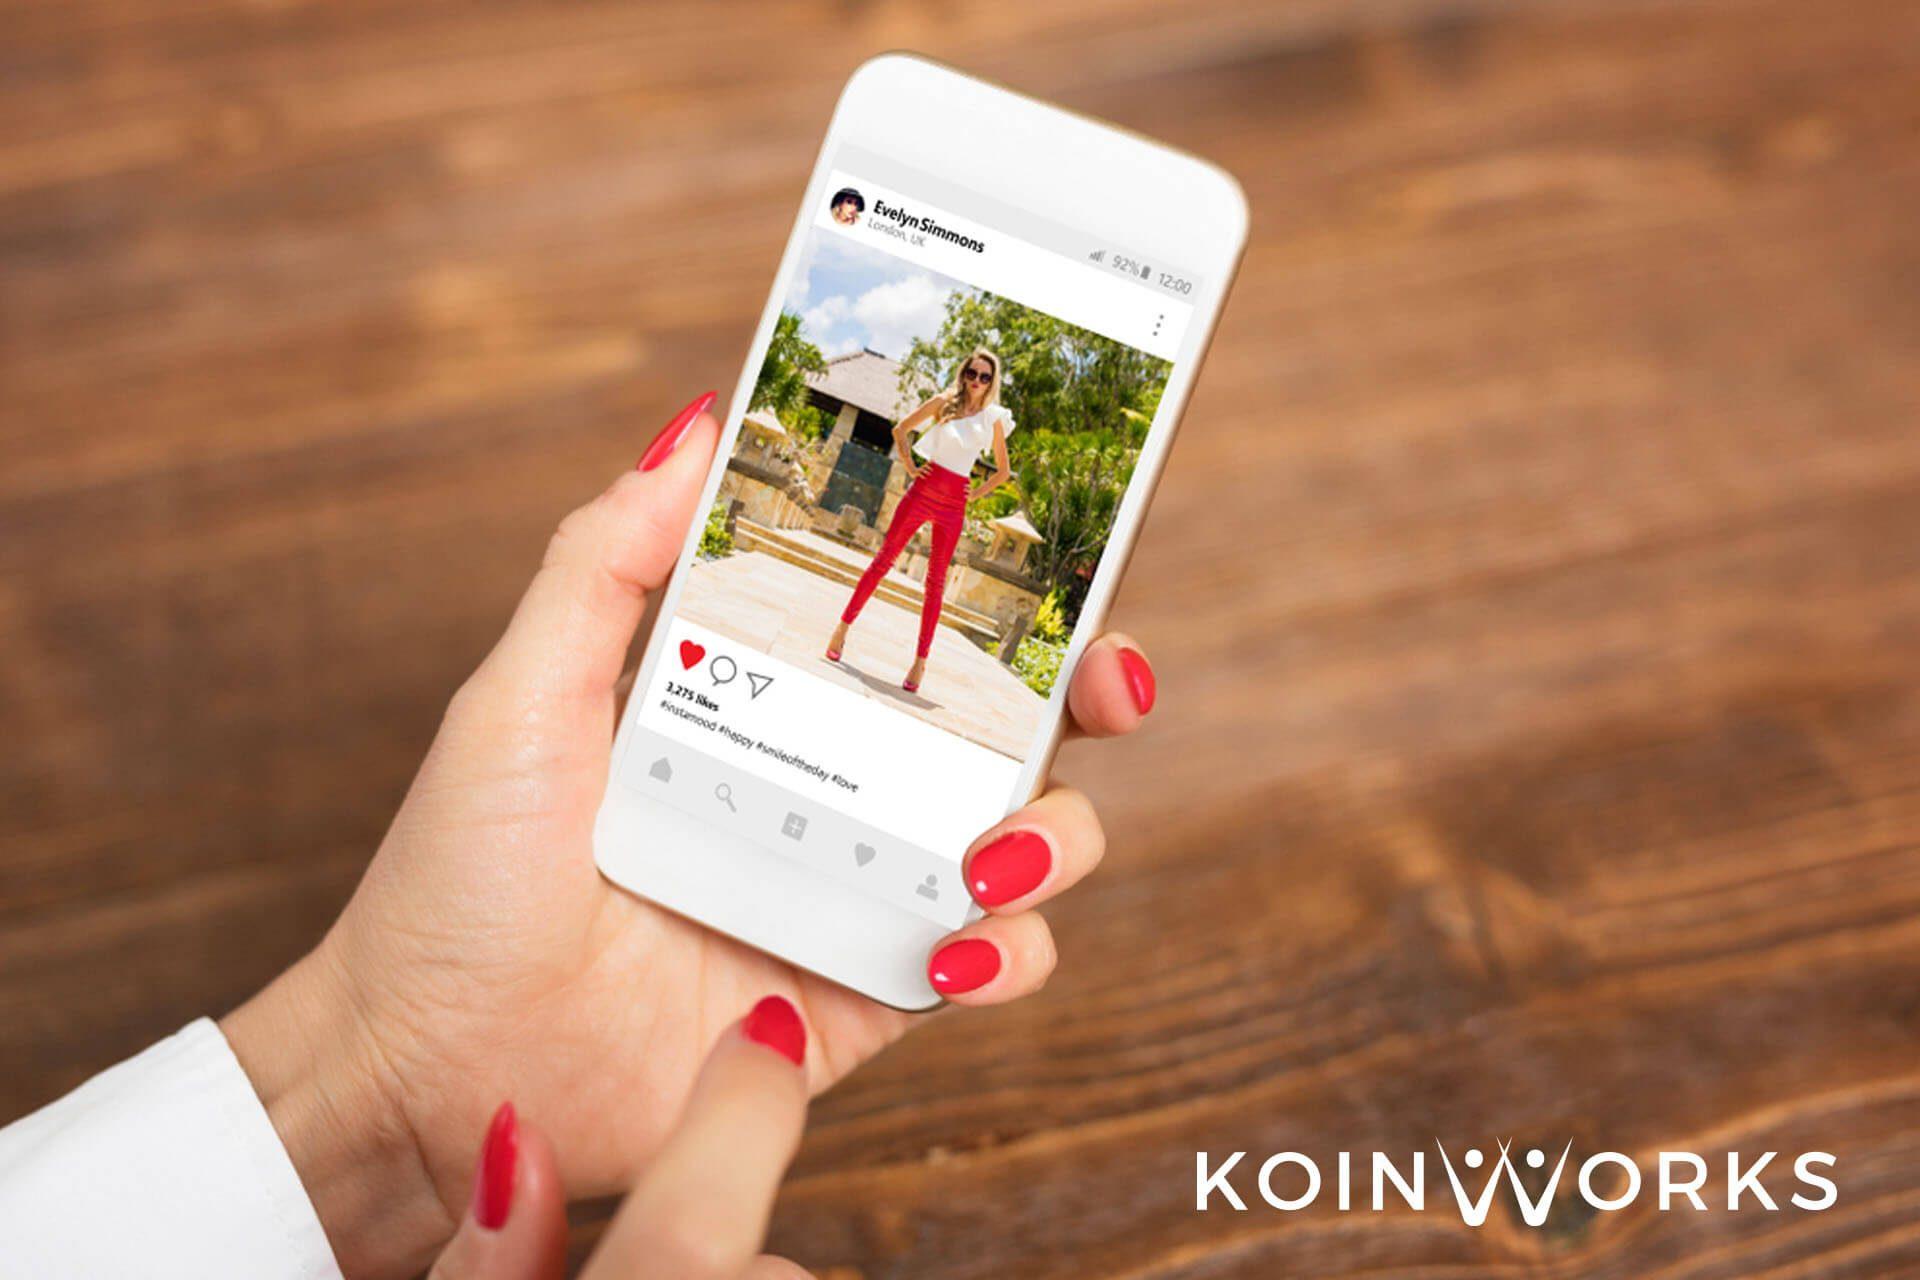 Beralihlah ke Media Sosial, Ini 5 Tips Jitu Kuasai Instagram untuk Bisnis - bisnis musiman